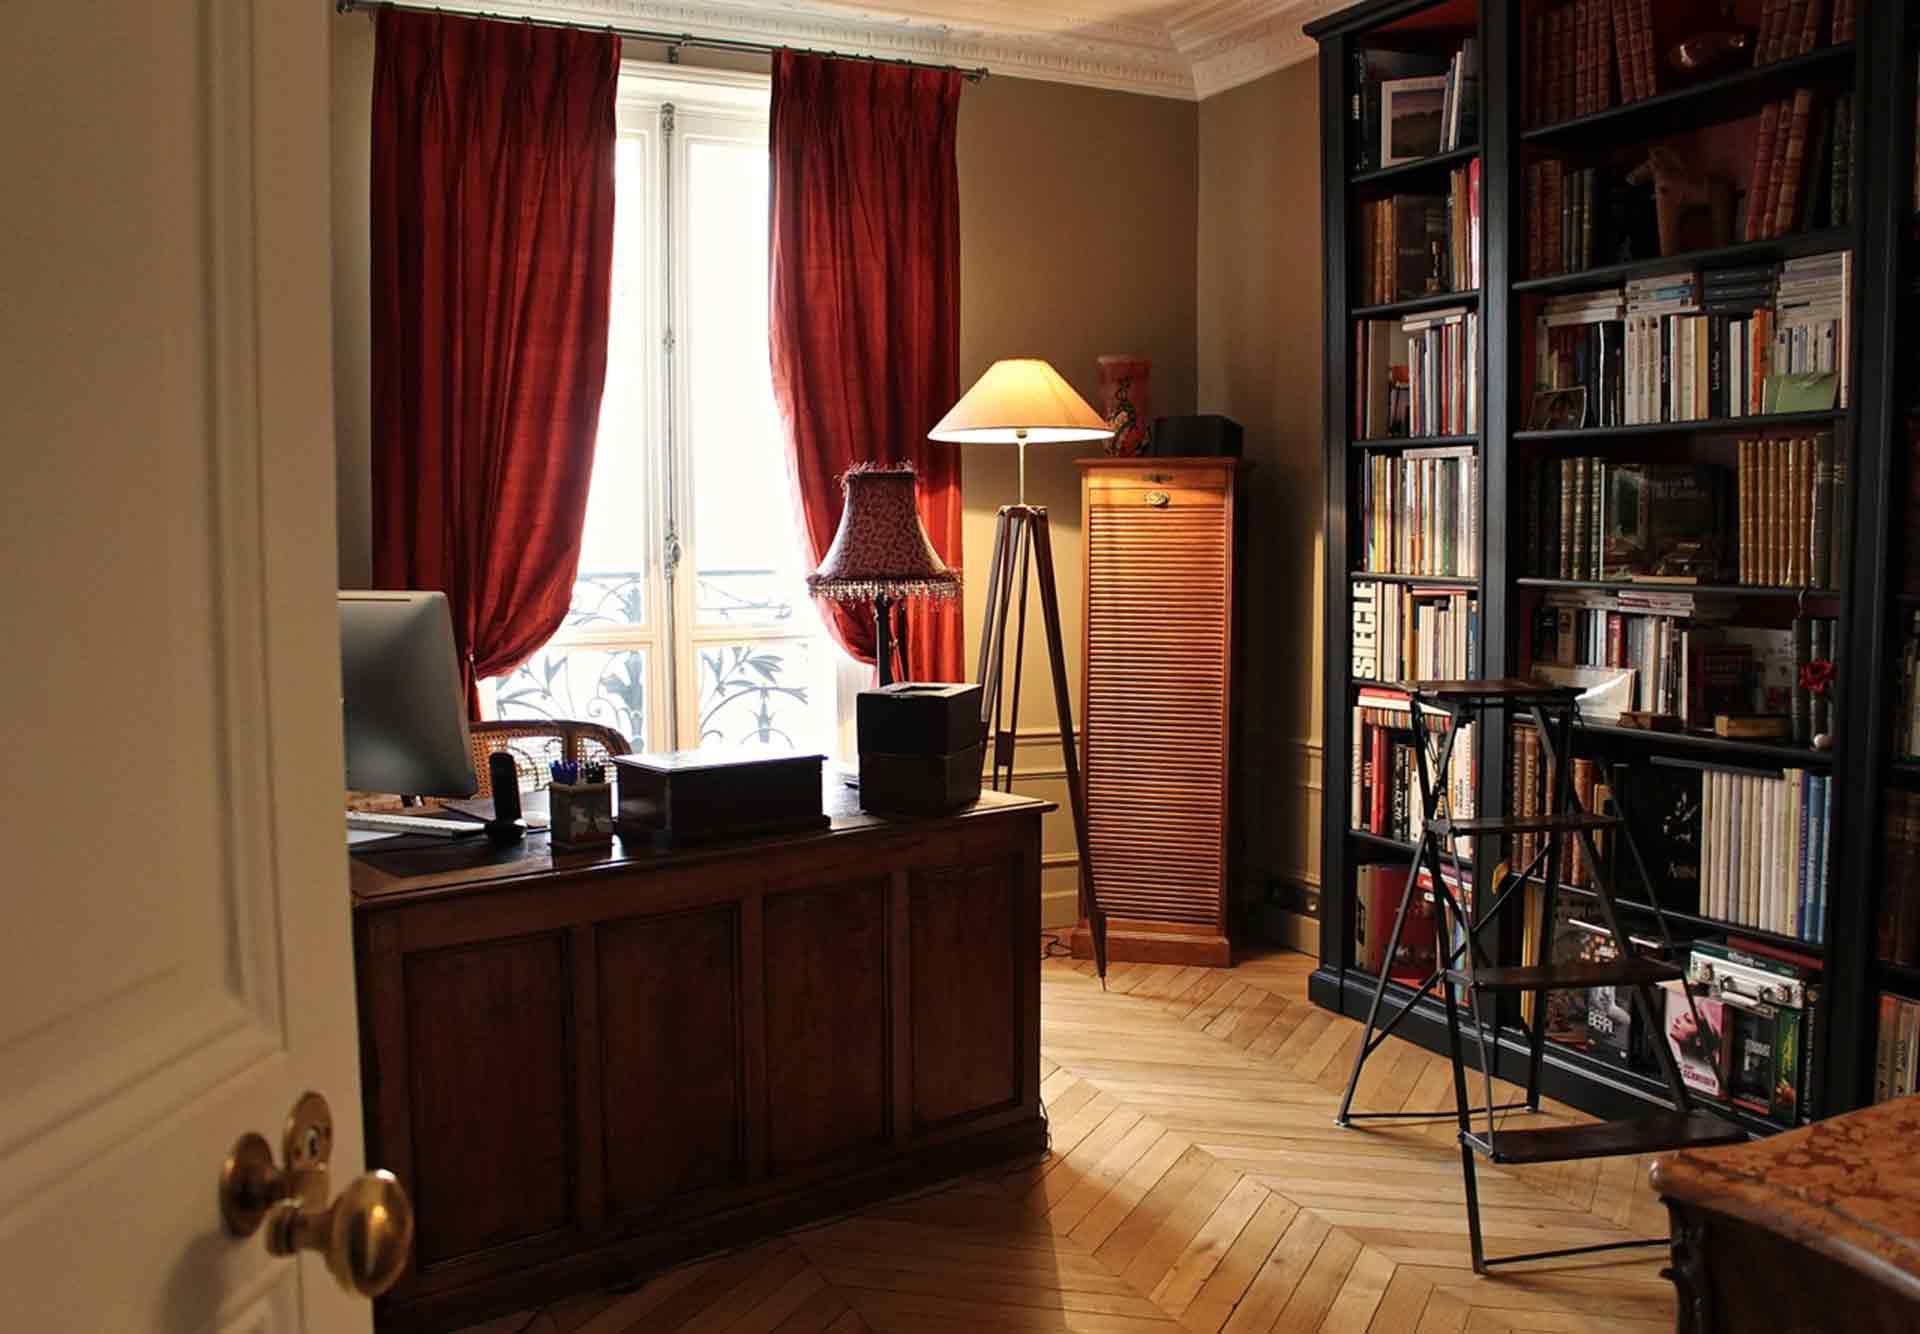 entreprise de r novation et agencement de bureaux paris 7. Black Bedroom Furniture Sets. Home Design Ideas